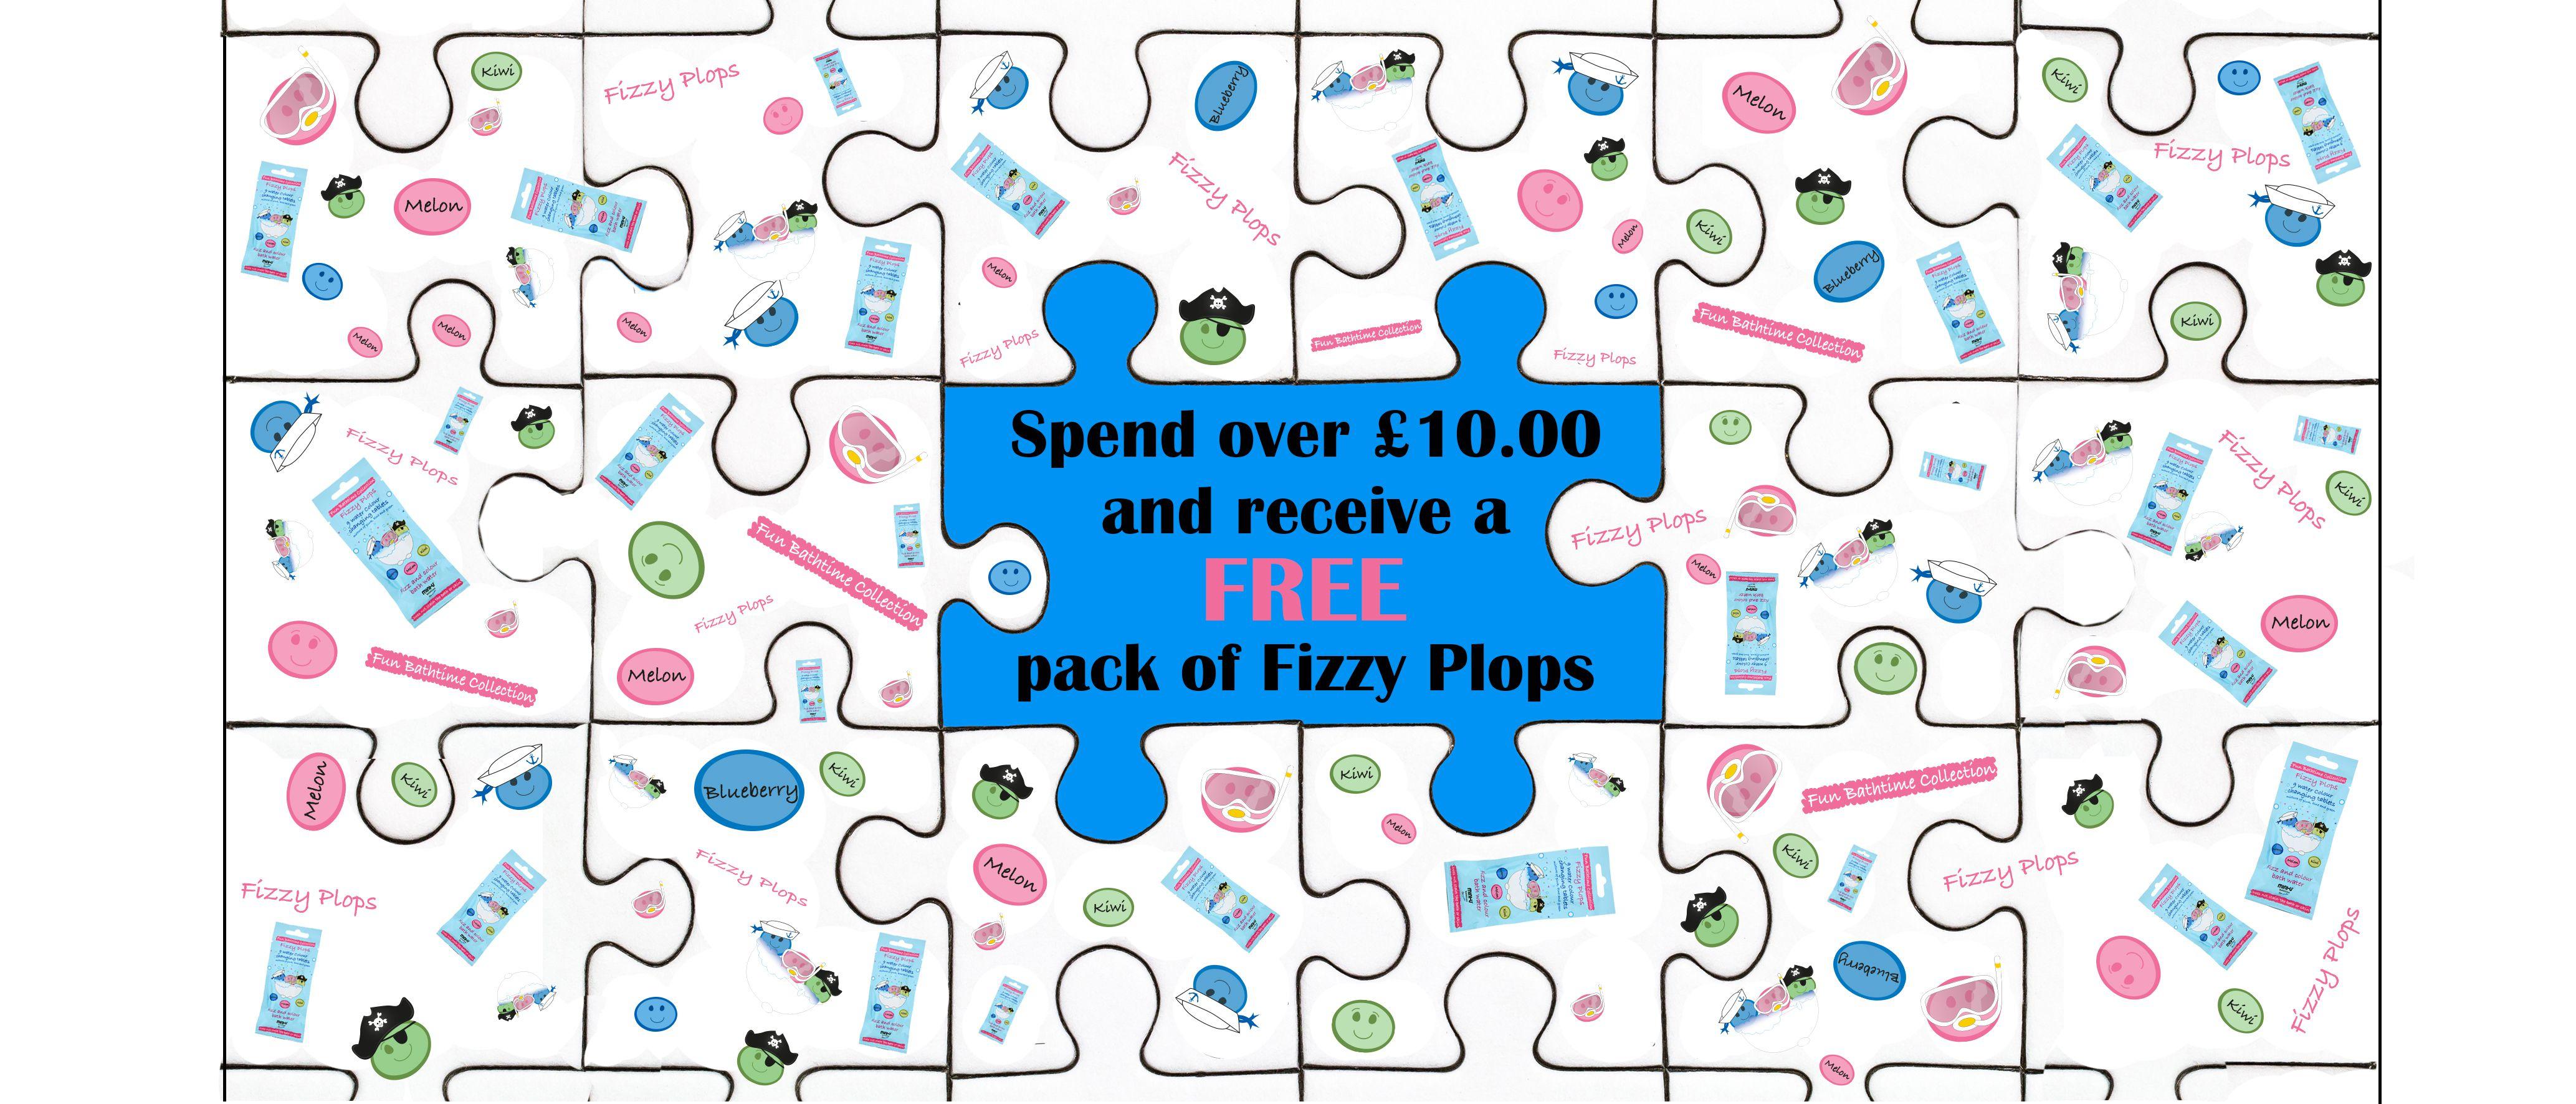 Free-fizzy-Plops-over-£10